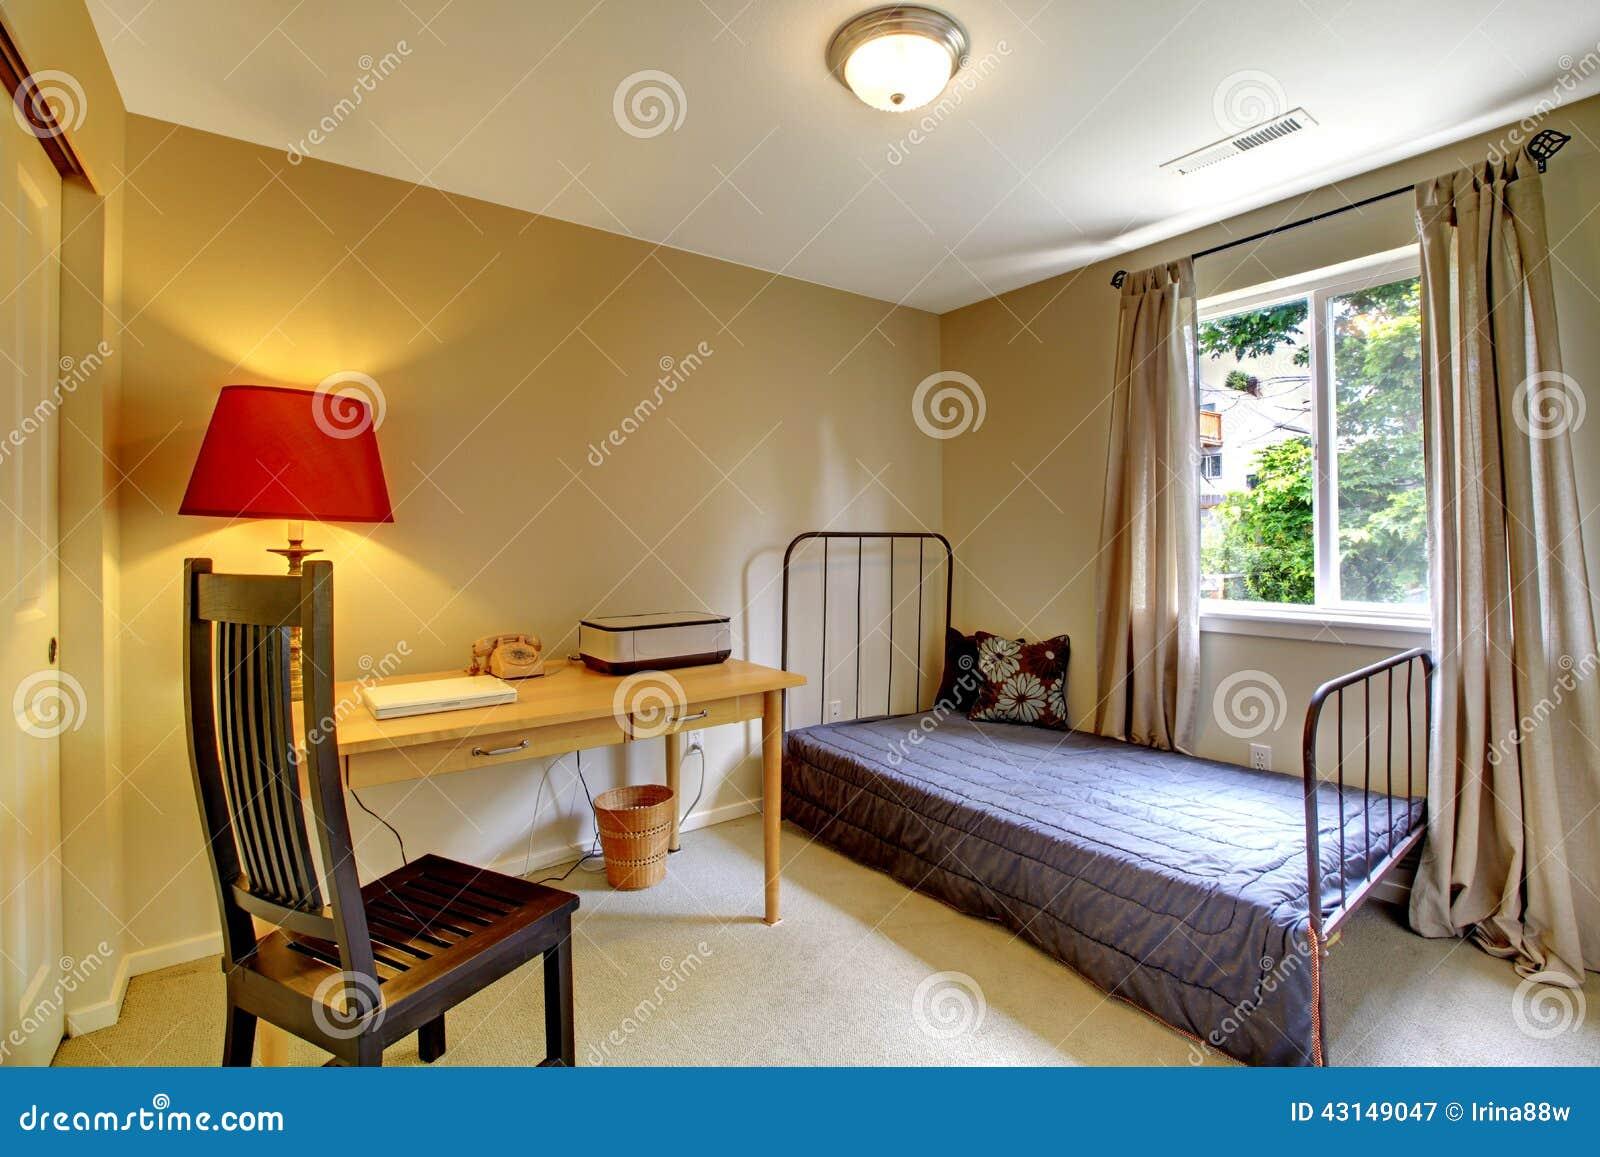 Schlafzimmer Mit Antikem Eisenrahmenbett Und -schreibtisch Stockbild ...